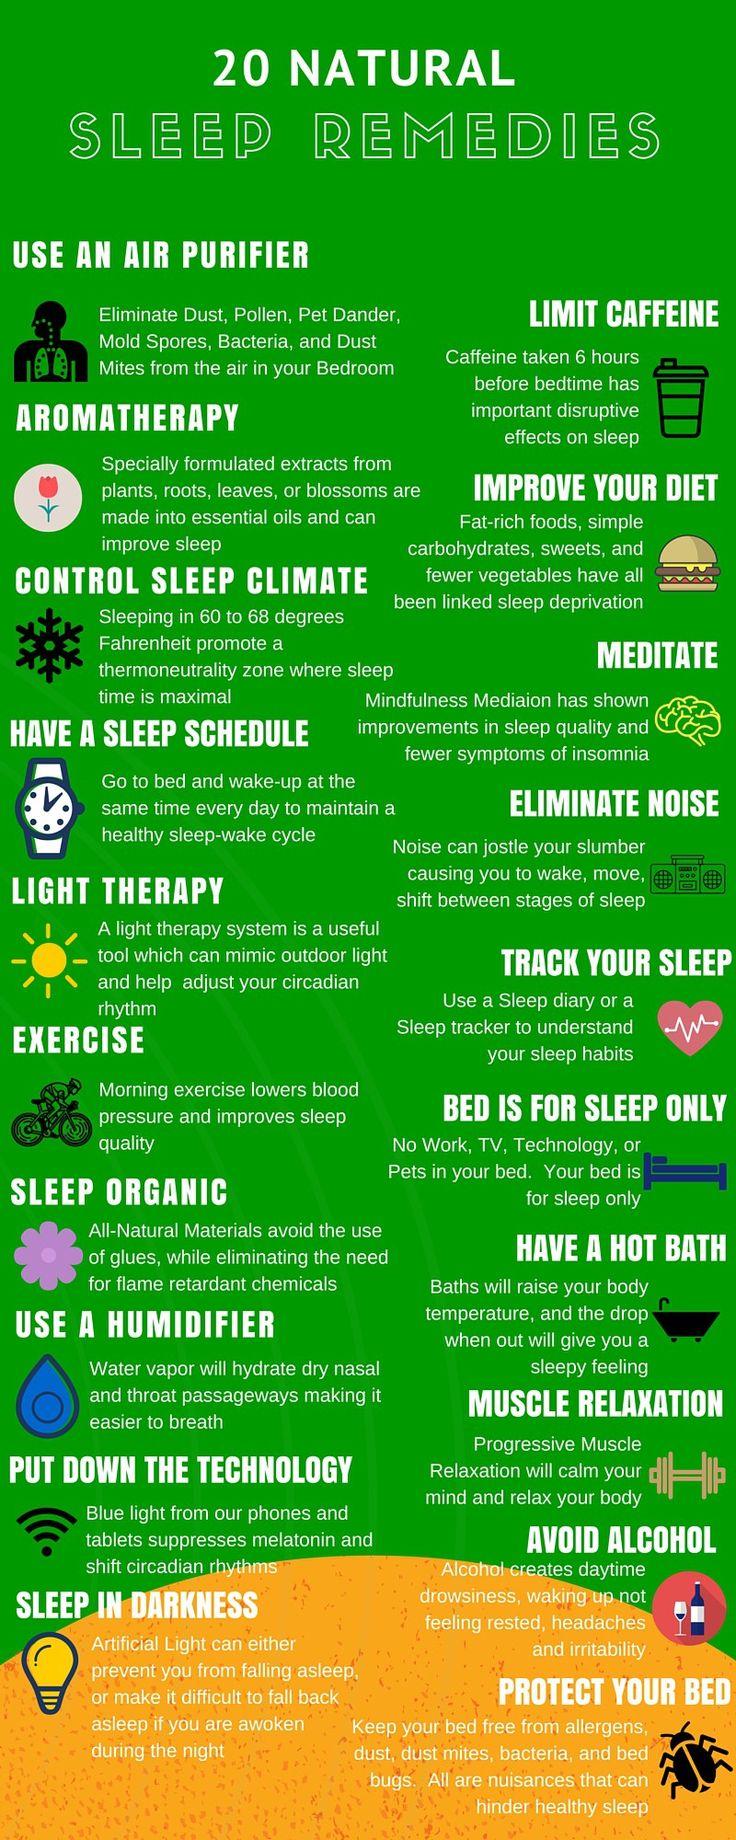 20 Natural Sleep Remedies